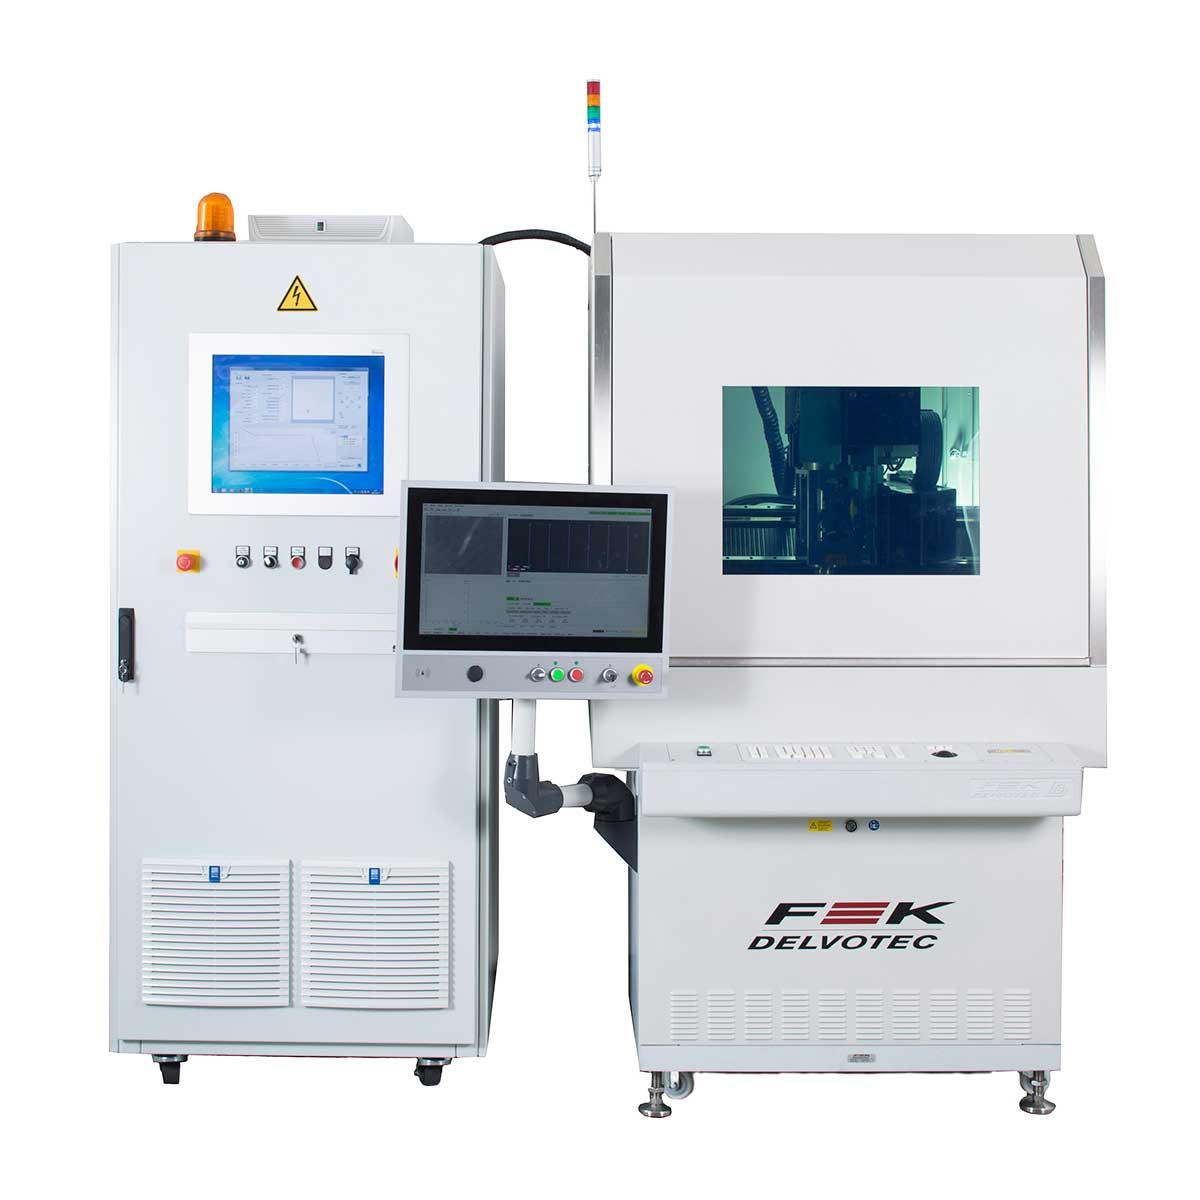 Автомат лазерной сварки выводов ꜛ F&K DELVOTEC M17 LSB